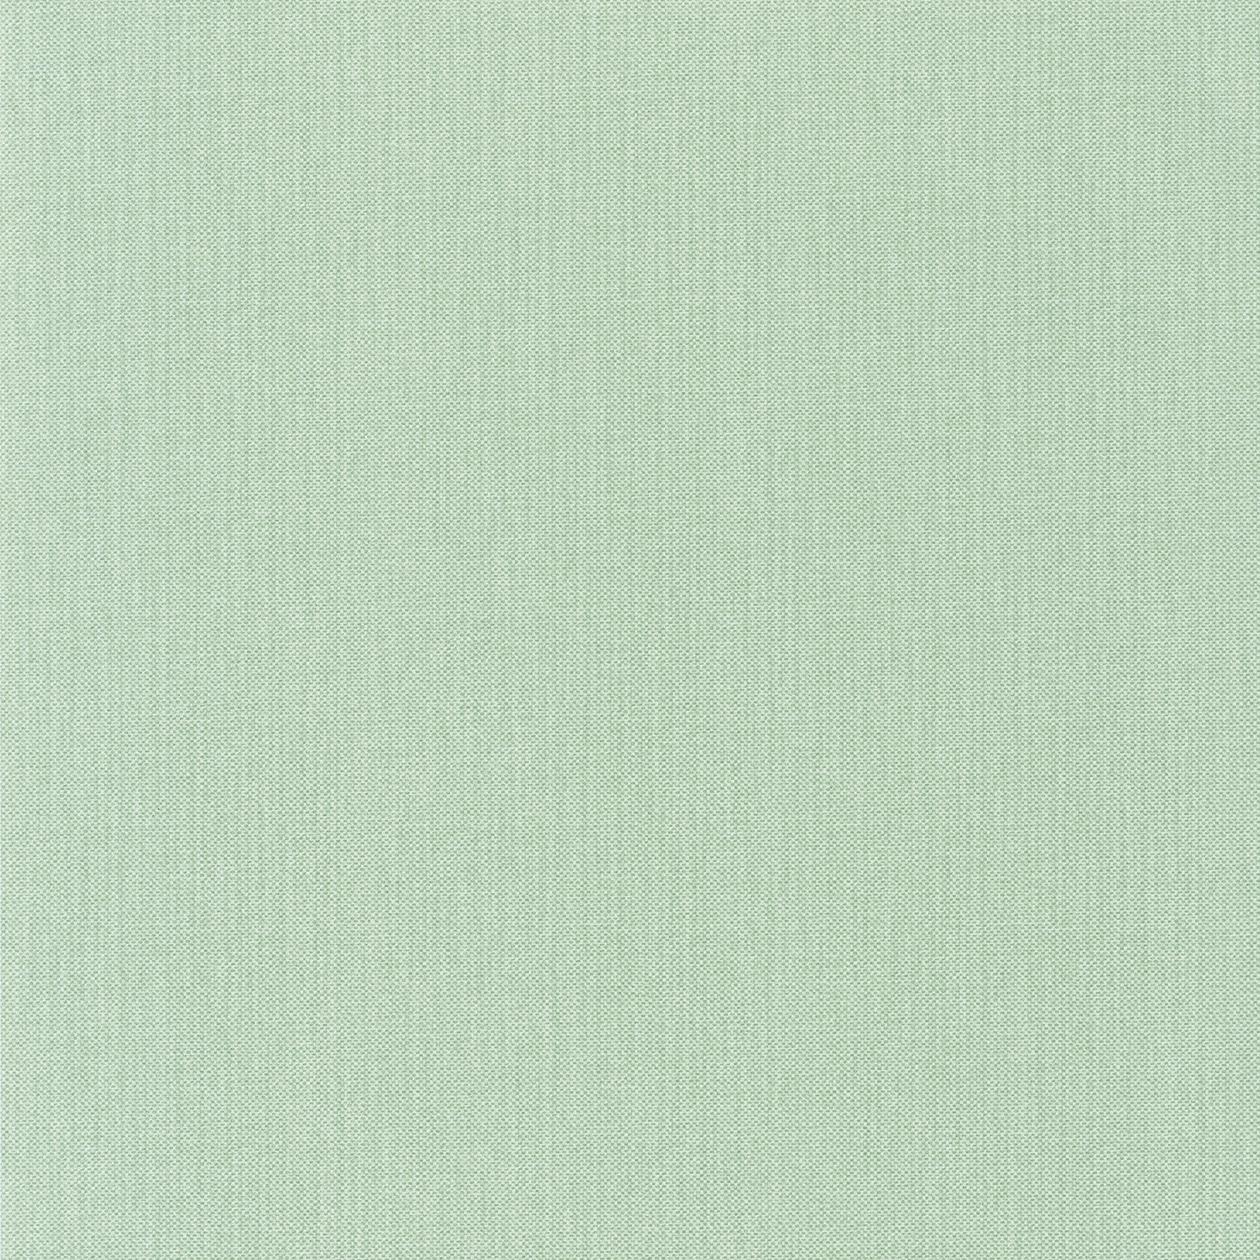 Обои Caselio Natte (53 см) 101567001